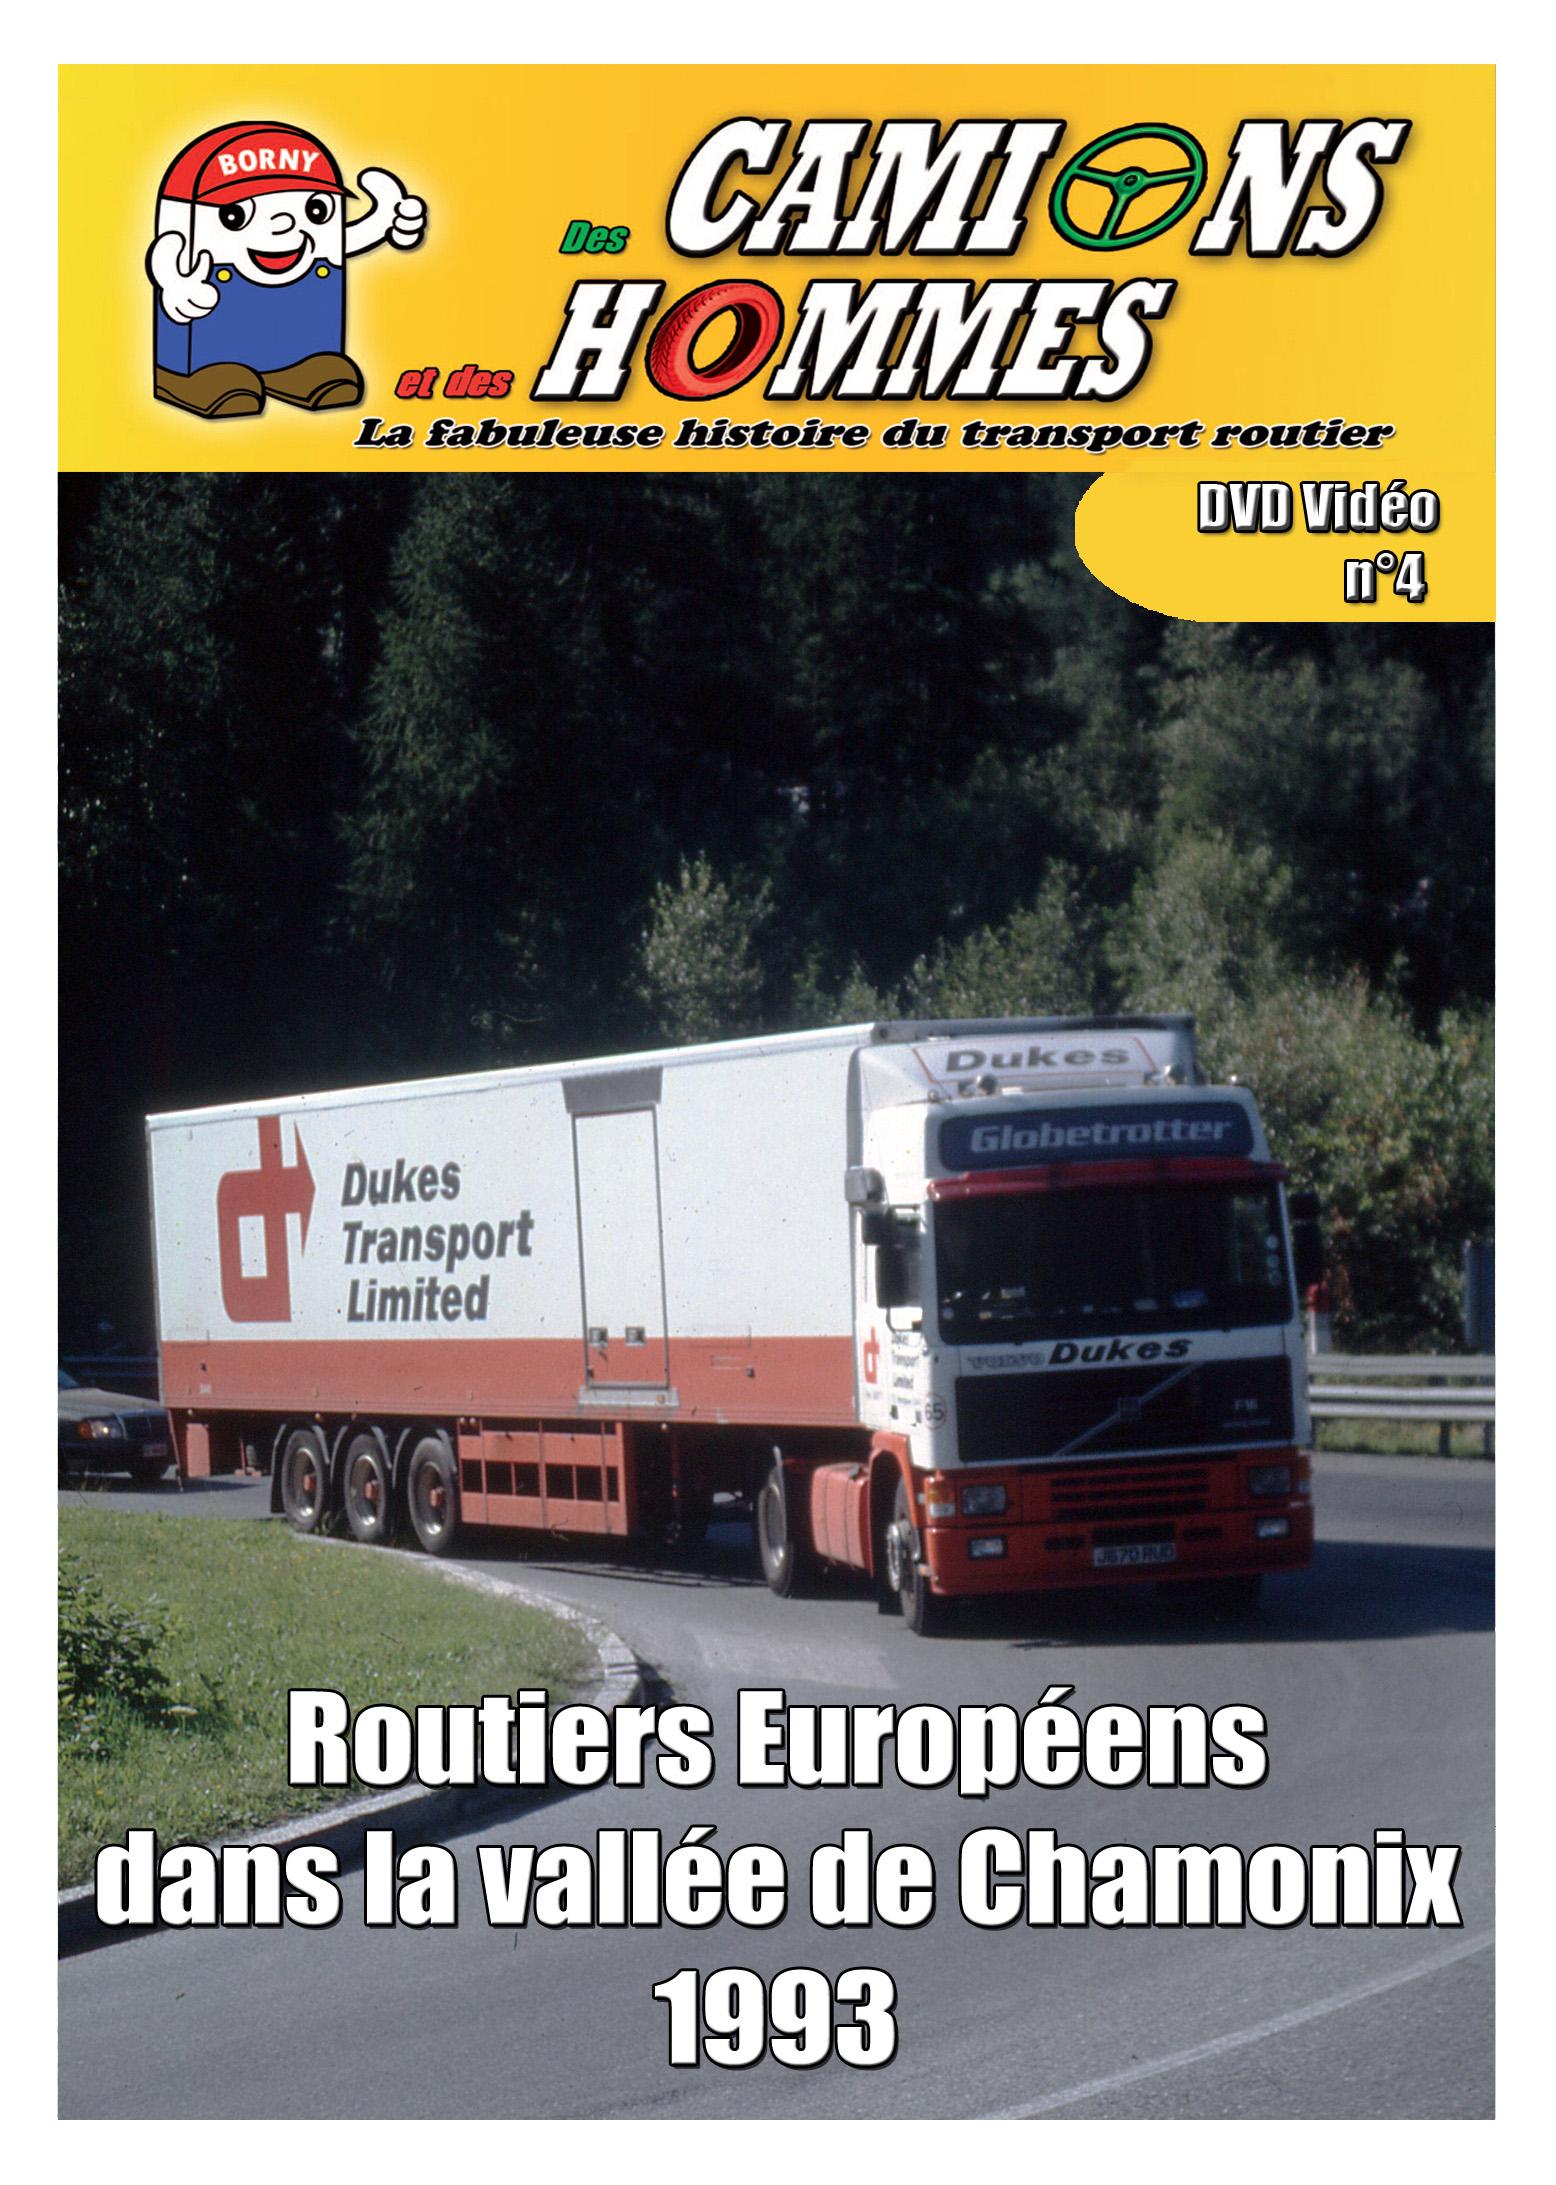 Routiers Européens dans la vallée de Chamonix 1993 partie 2